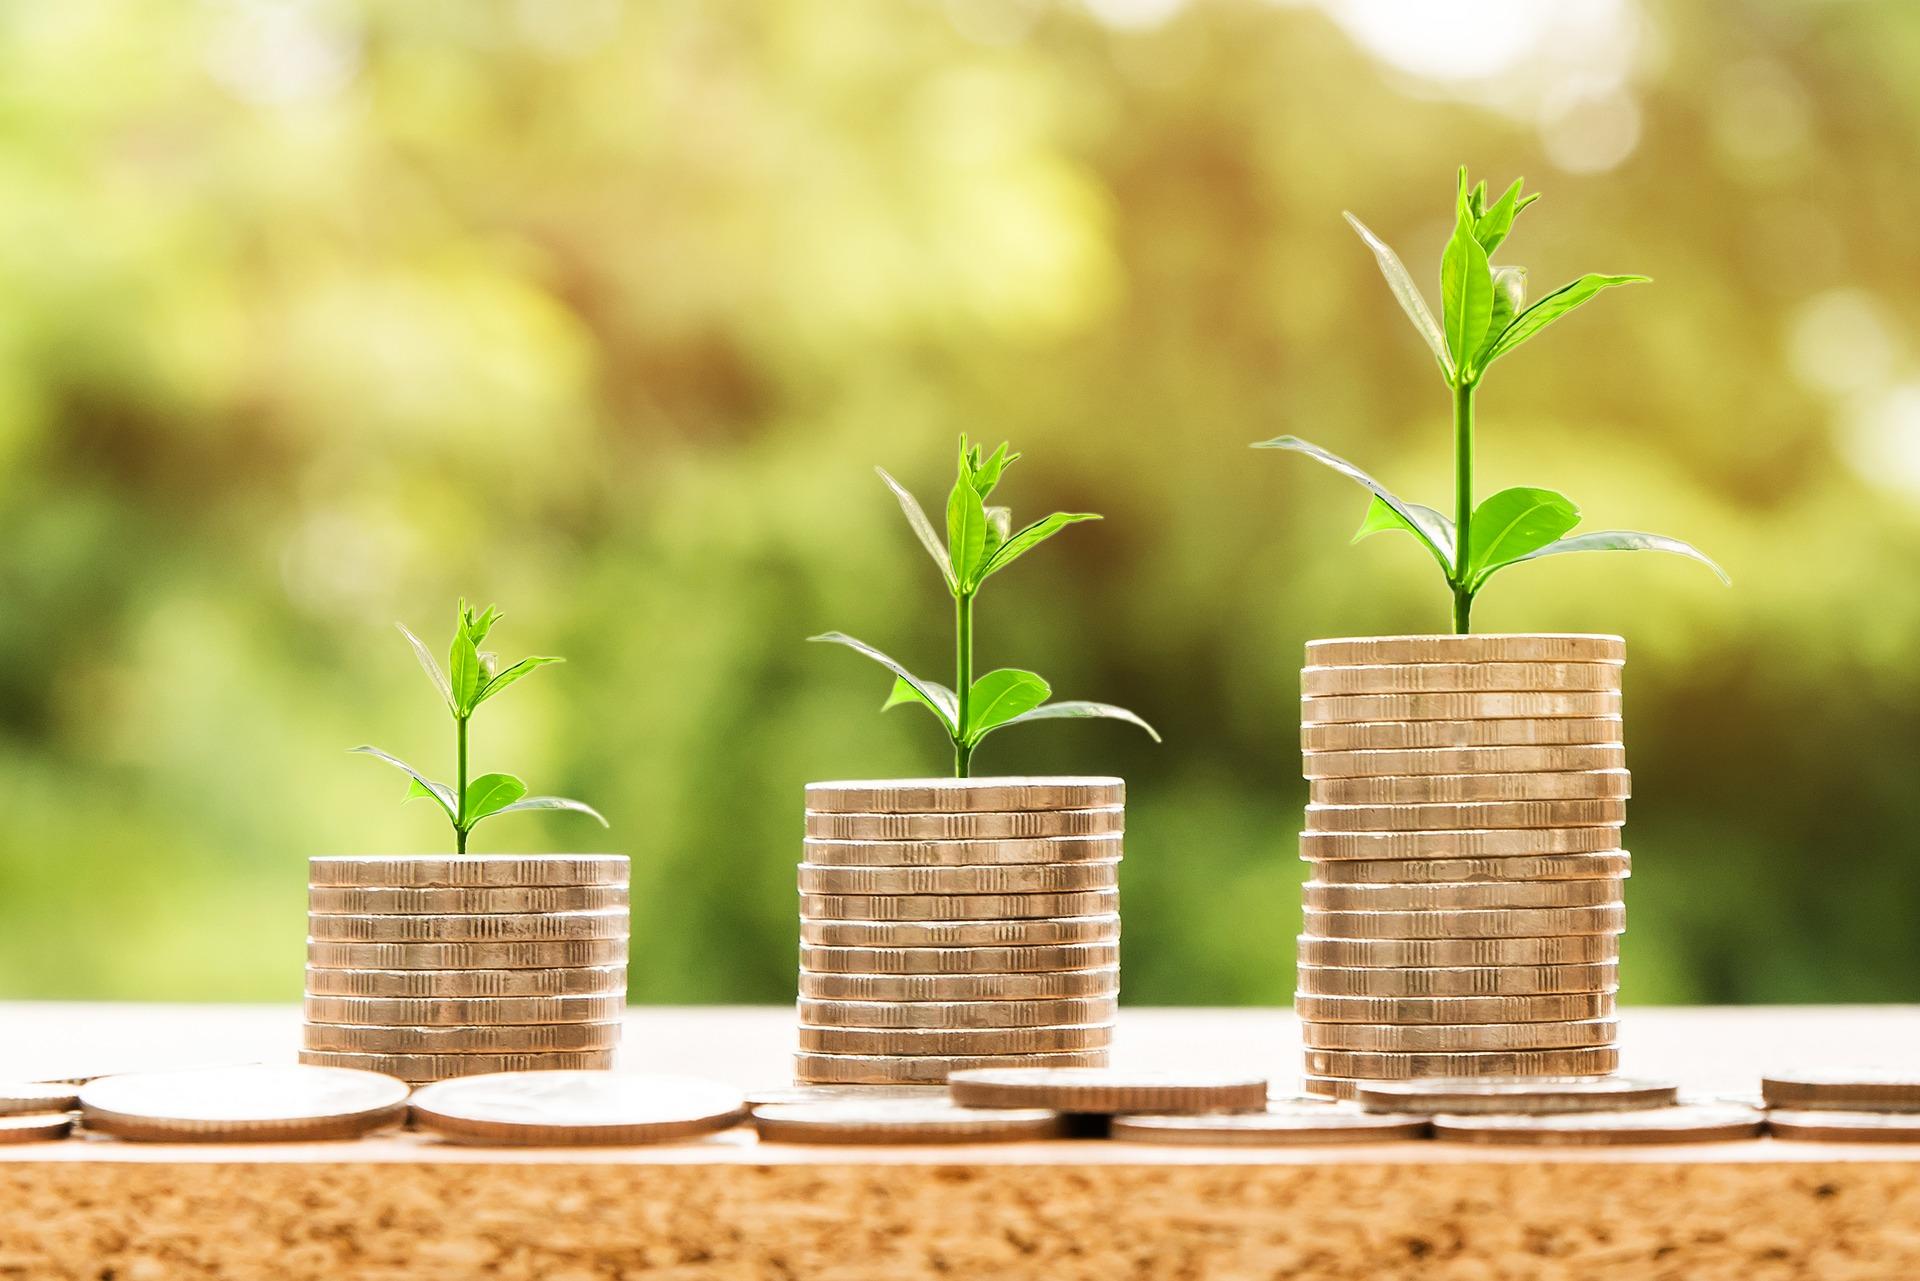 Eficiencia Energética para reducir costos y enfrentar el Cambio Climático